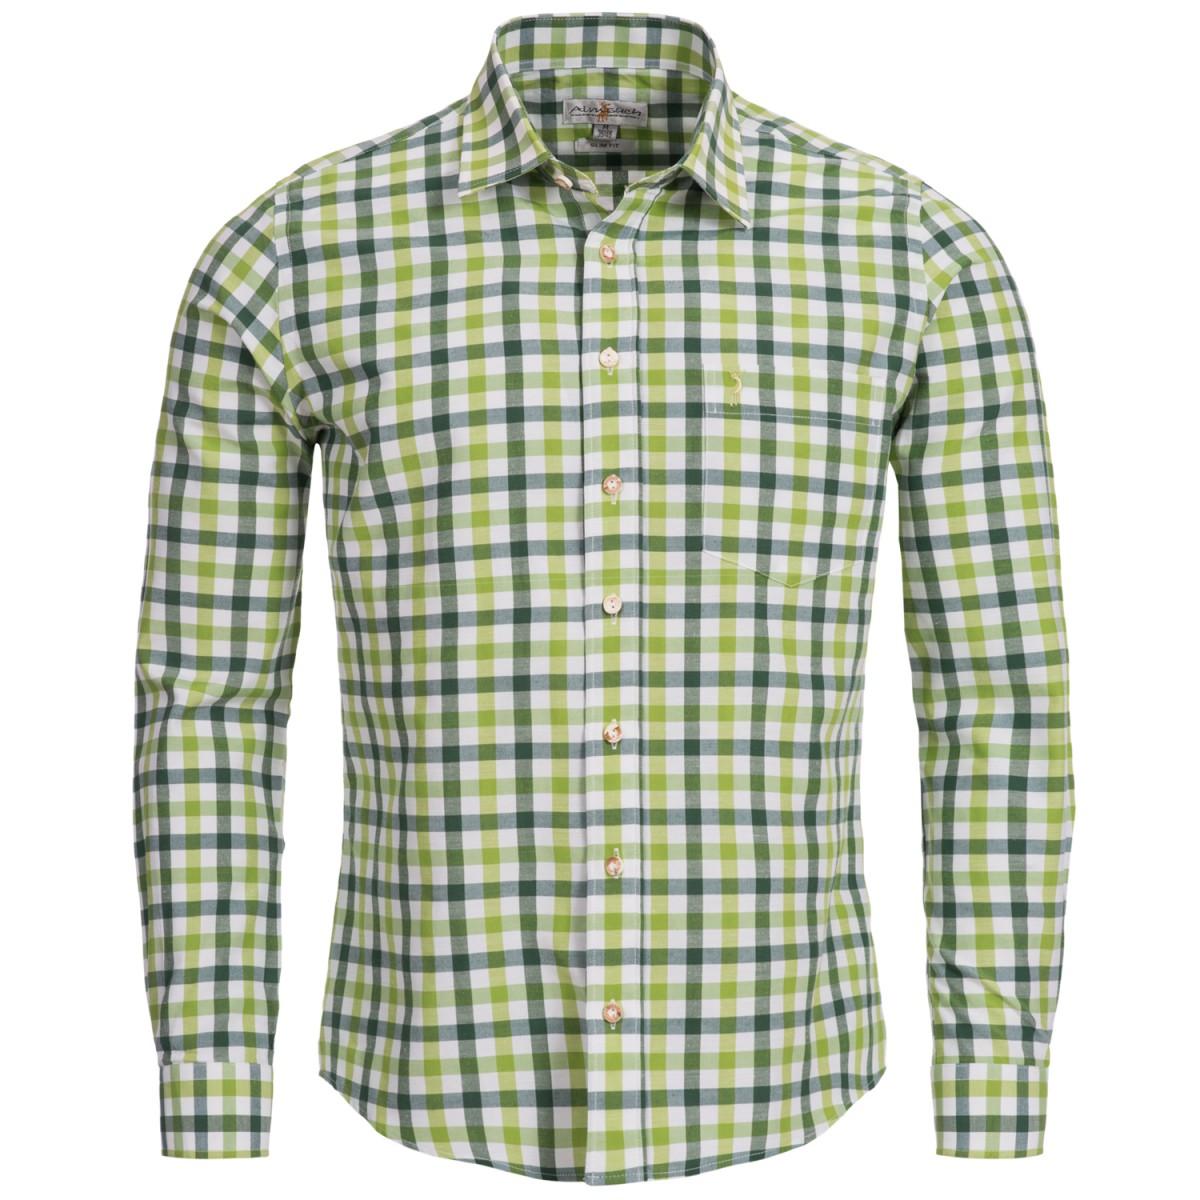 Apfelgrünes und Tannengrünes Trachtenhemd kariert von Almsach